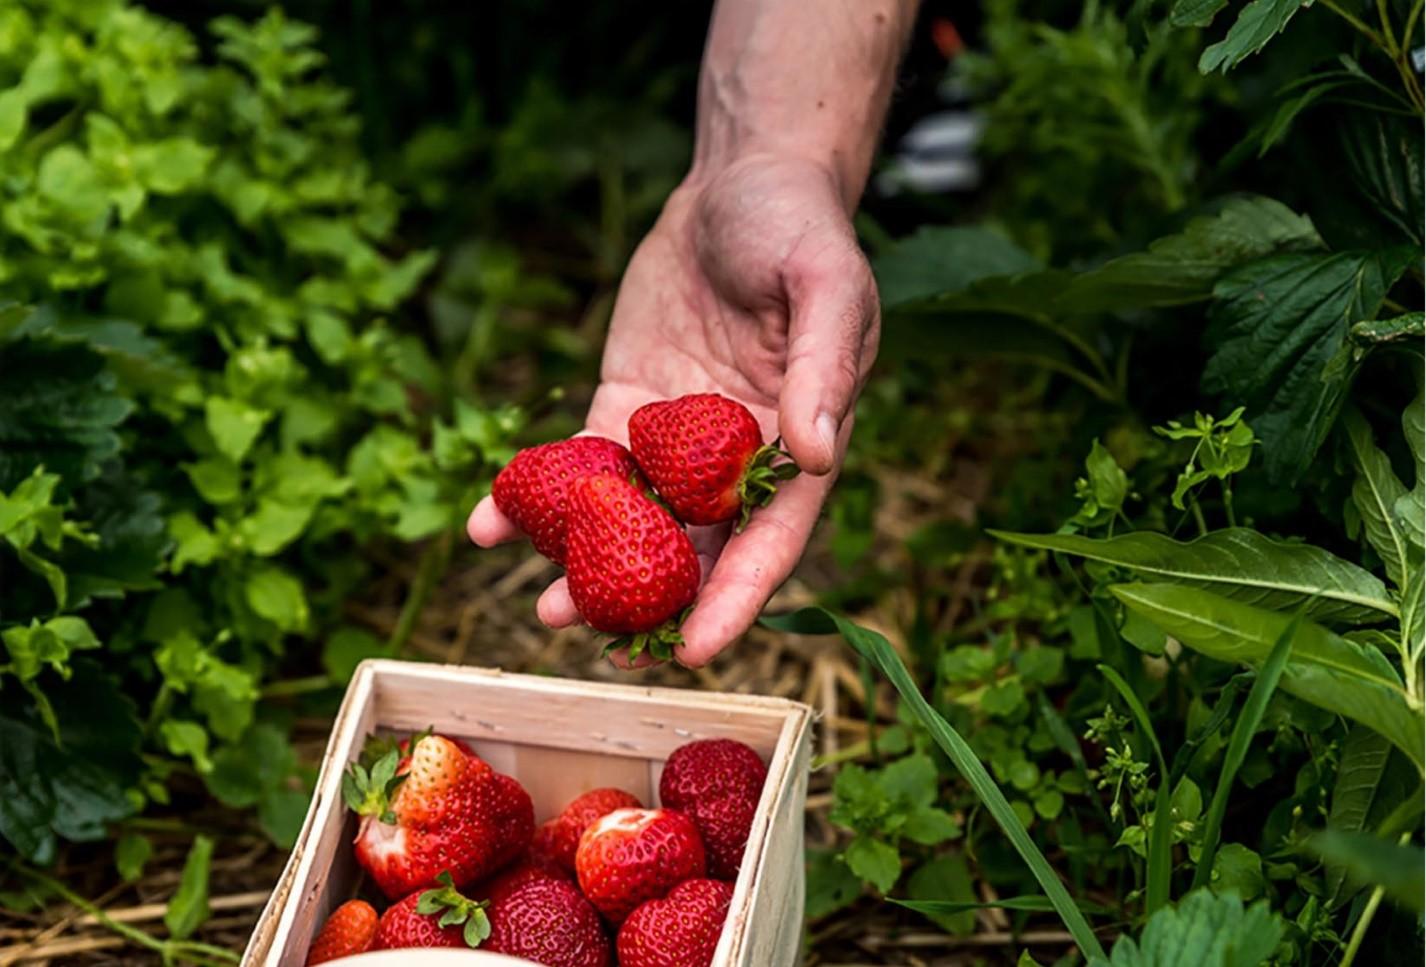 Nguyên liệu của Gerber tươi ngon nhờ được thu hoạch đúng vụ mùa và bảo quản kỹ lưỡng.